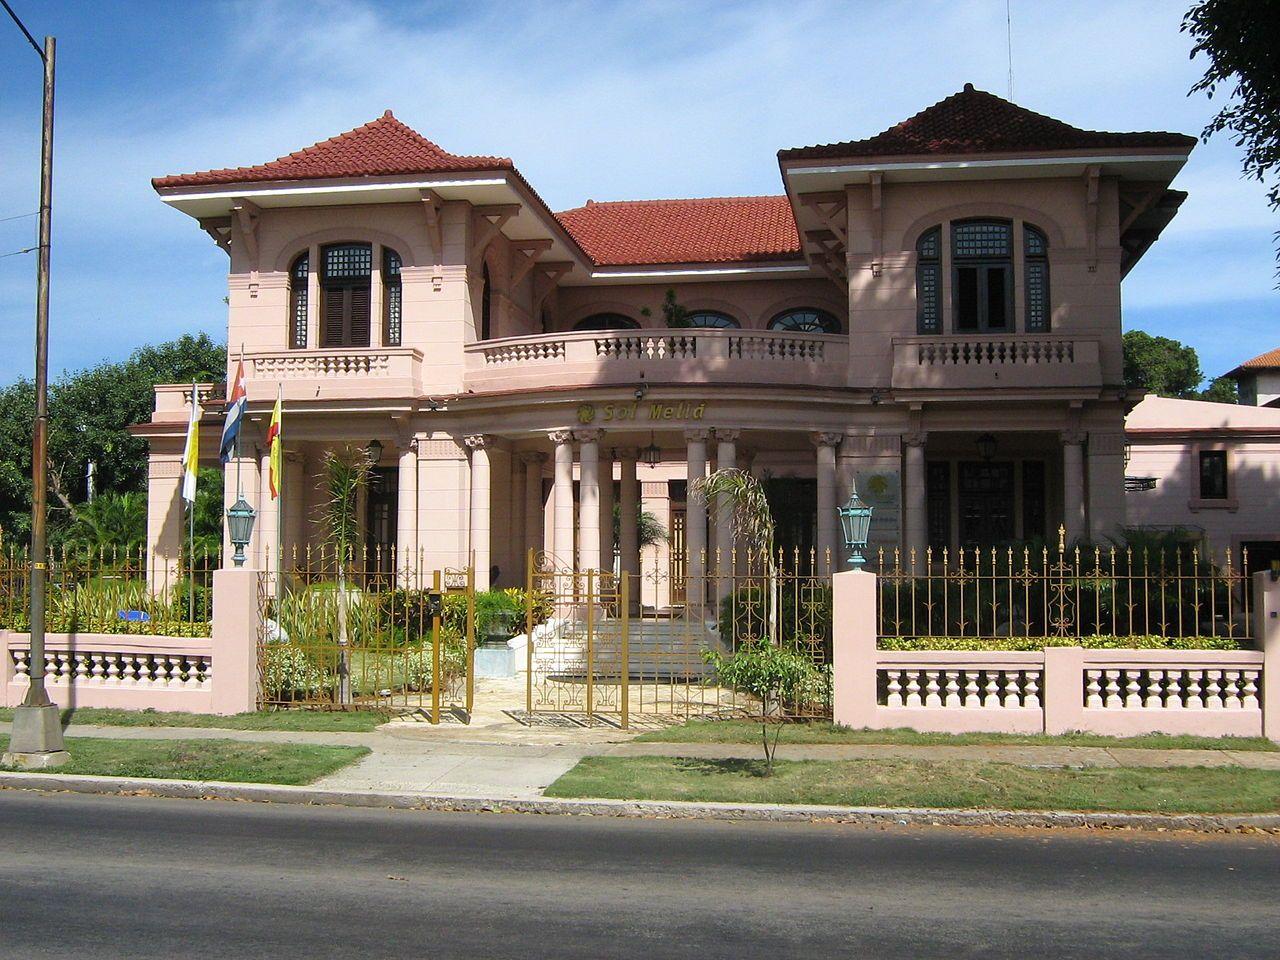 Oficinas de Sol Melia en la Quinta Avenida House styles